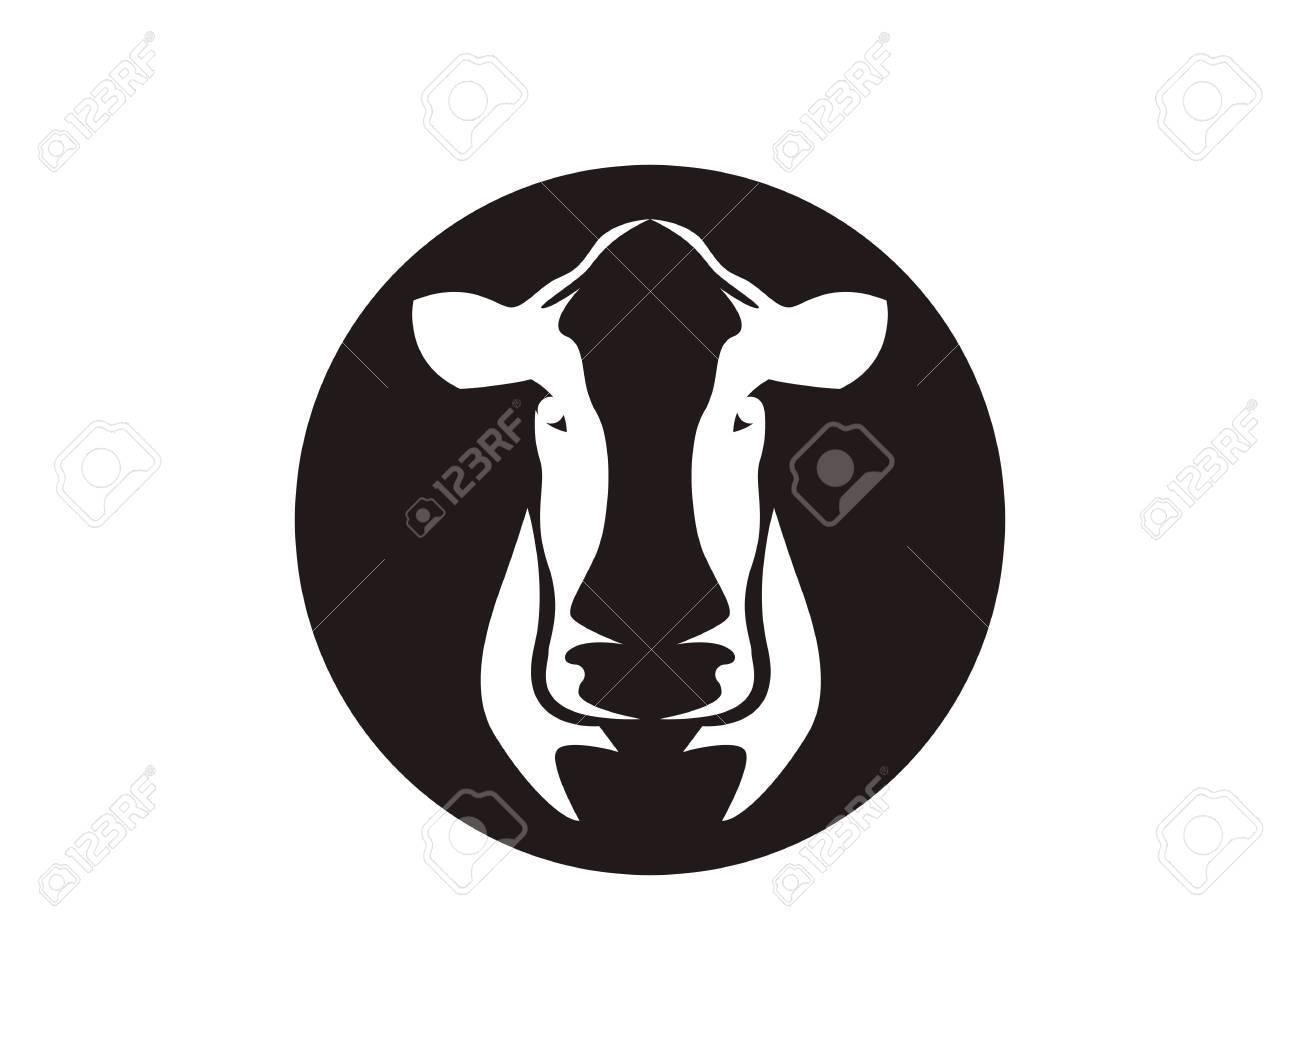 cow head symbols logo vector template royalty free cliparts vectors